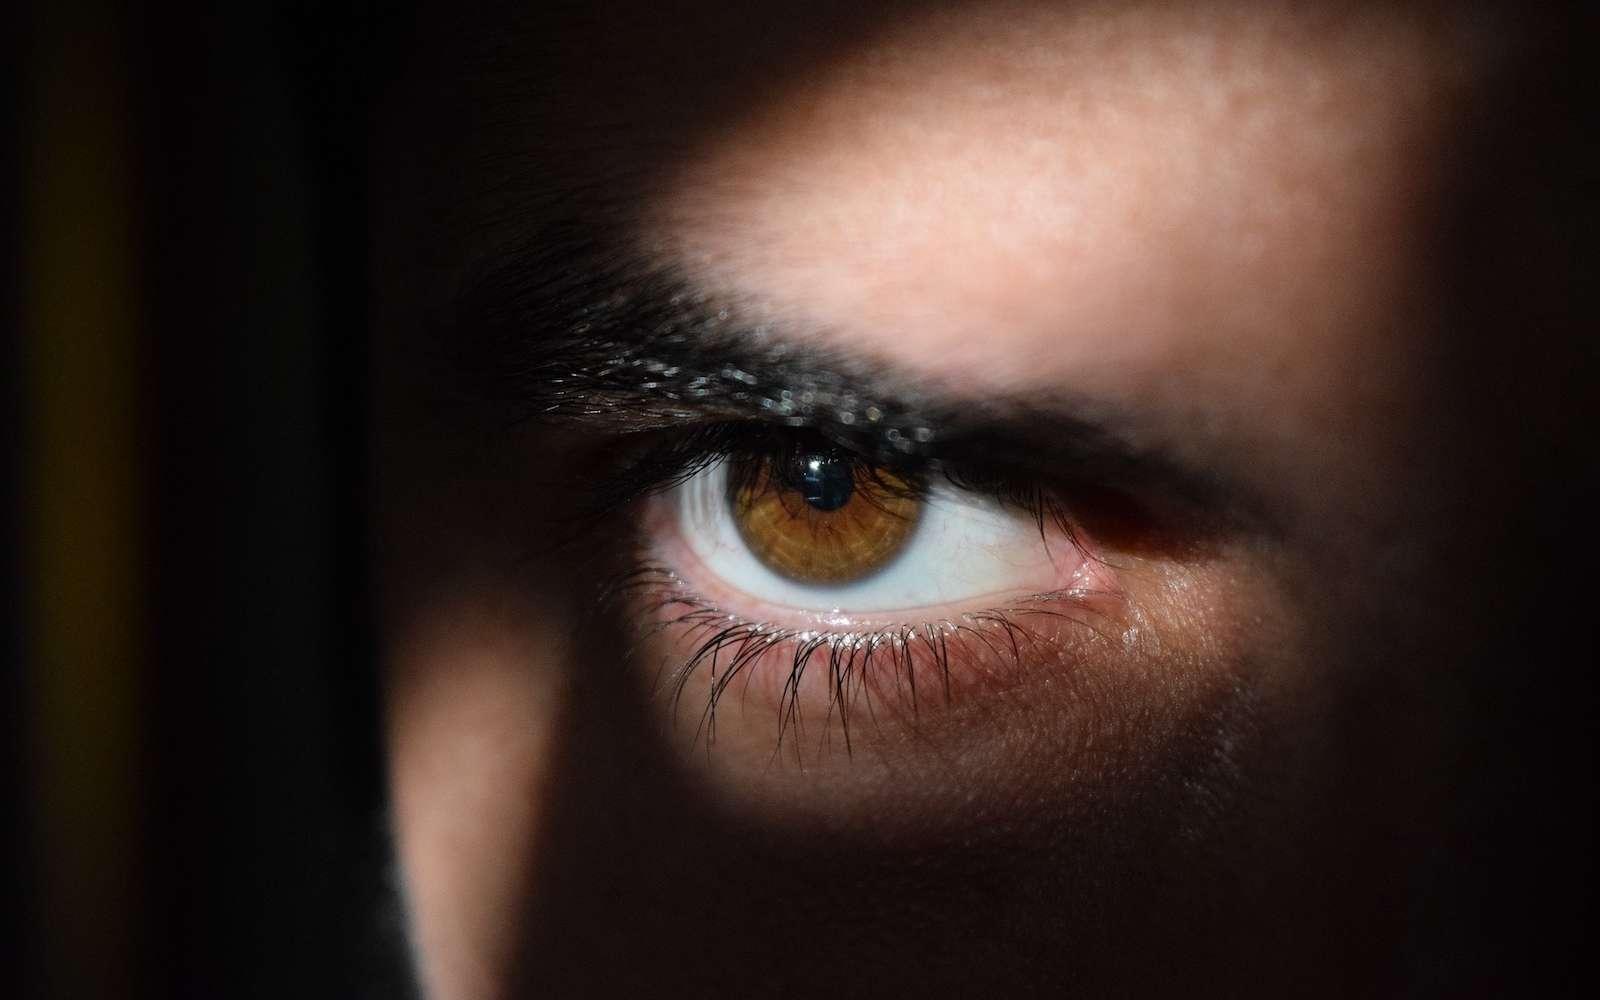 Le deepfake est désormais utilisé par les espions sur les réseaux sociaux. © Msporch, Pixabay